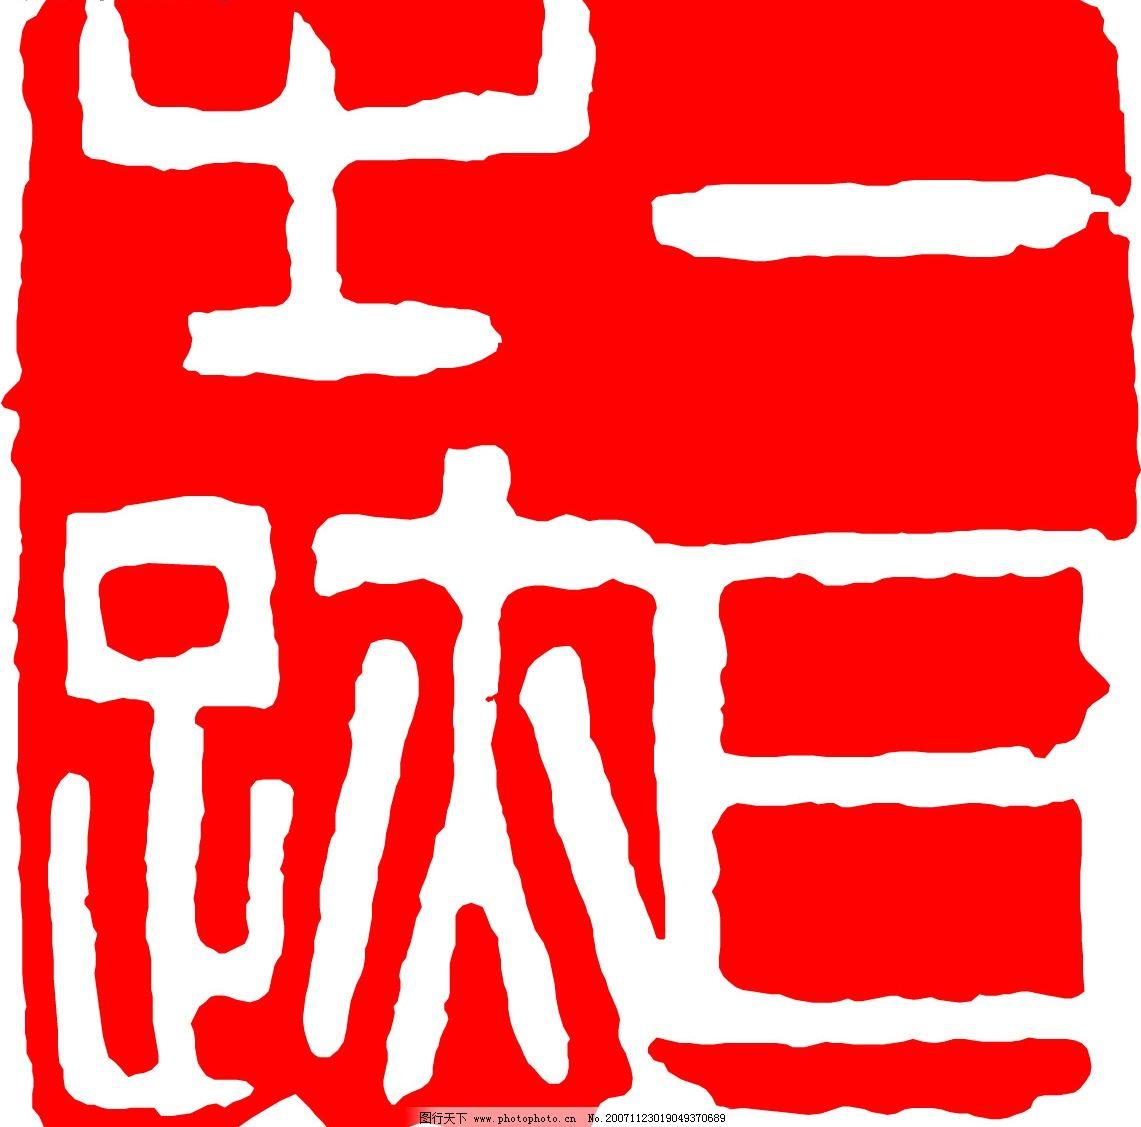 问:篆刻是指以印章为载体,以表现书法构图和刀法美感为要素的一种样式